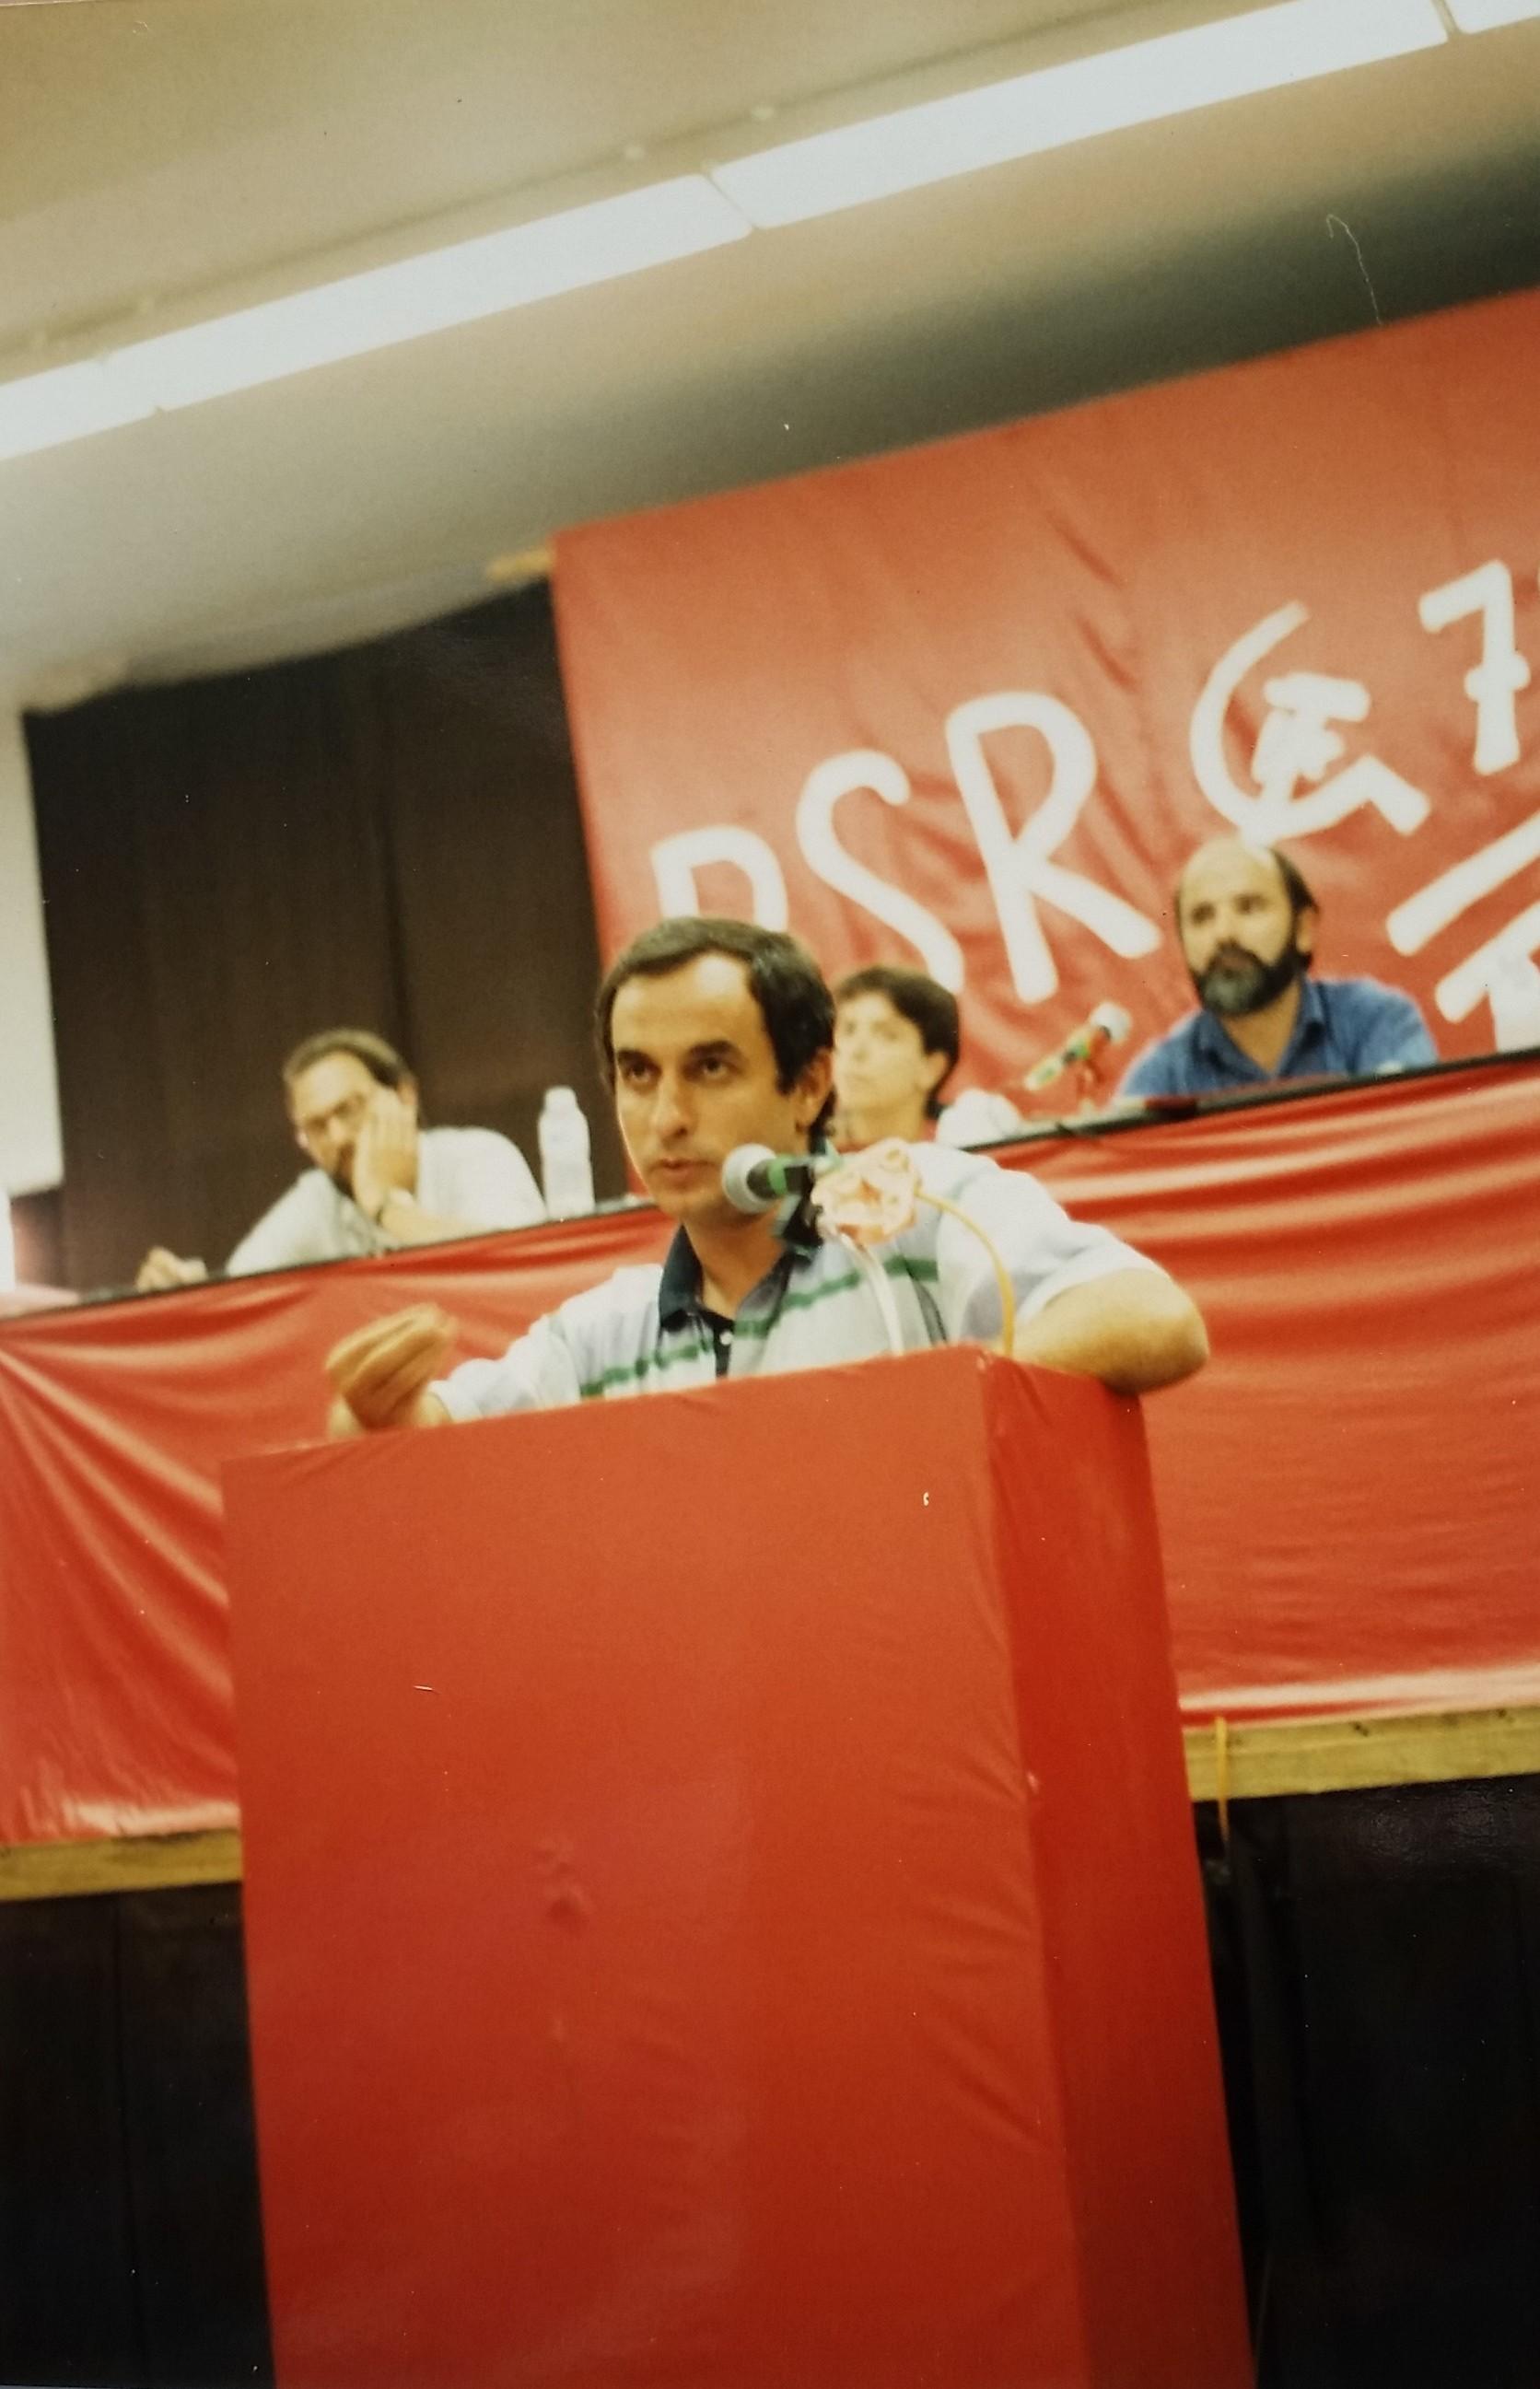 Congresso do PSR em 1990, com Miguel Graça em segundo plano. Foto de João Louçã.